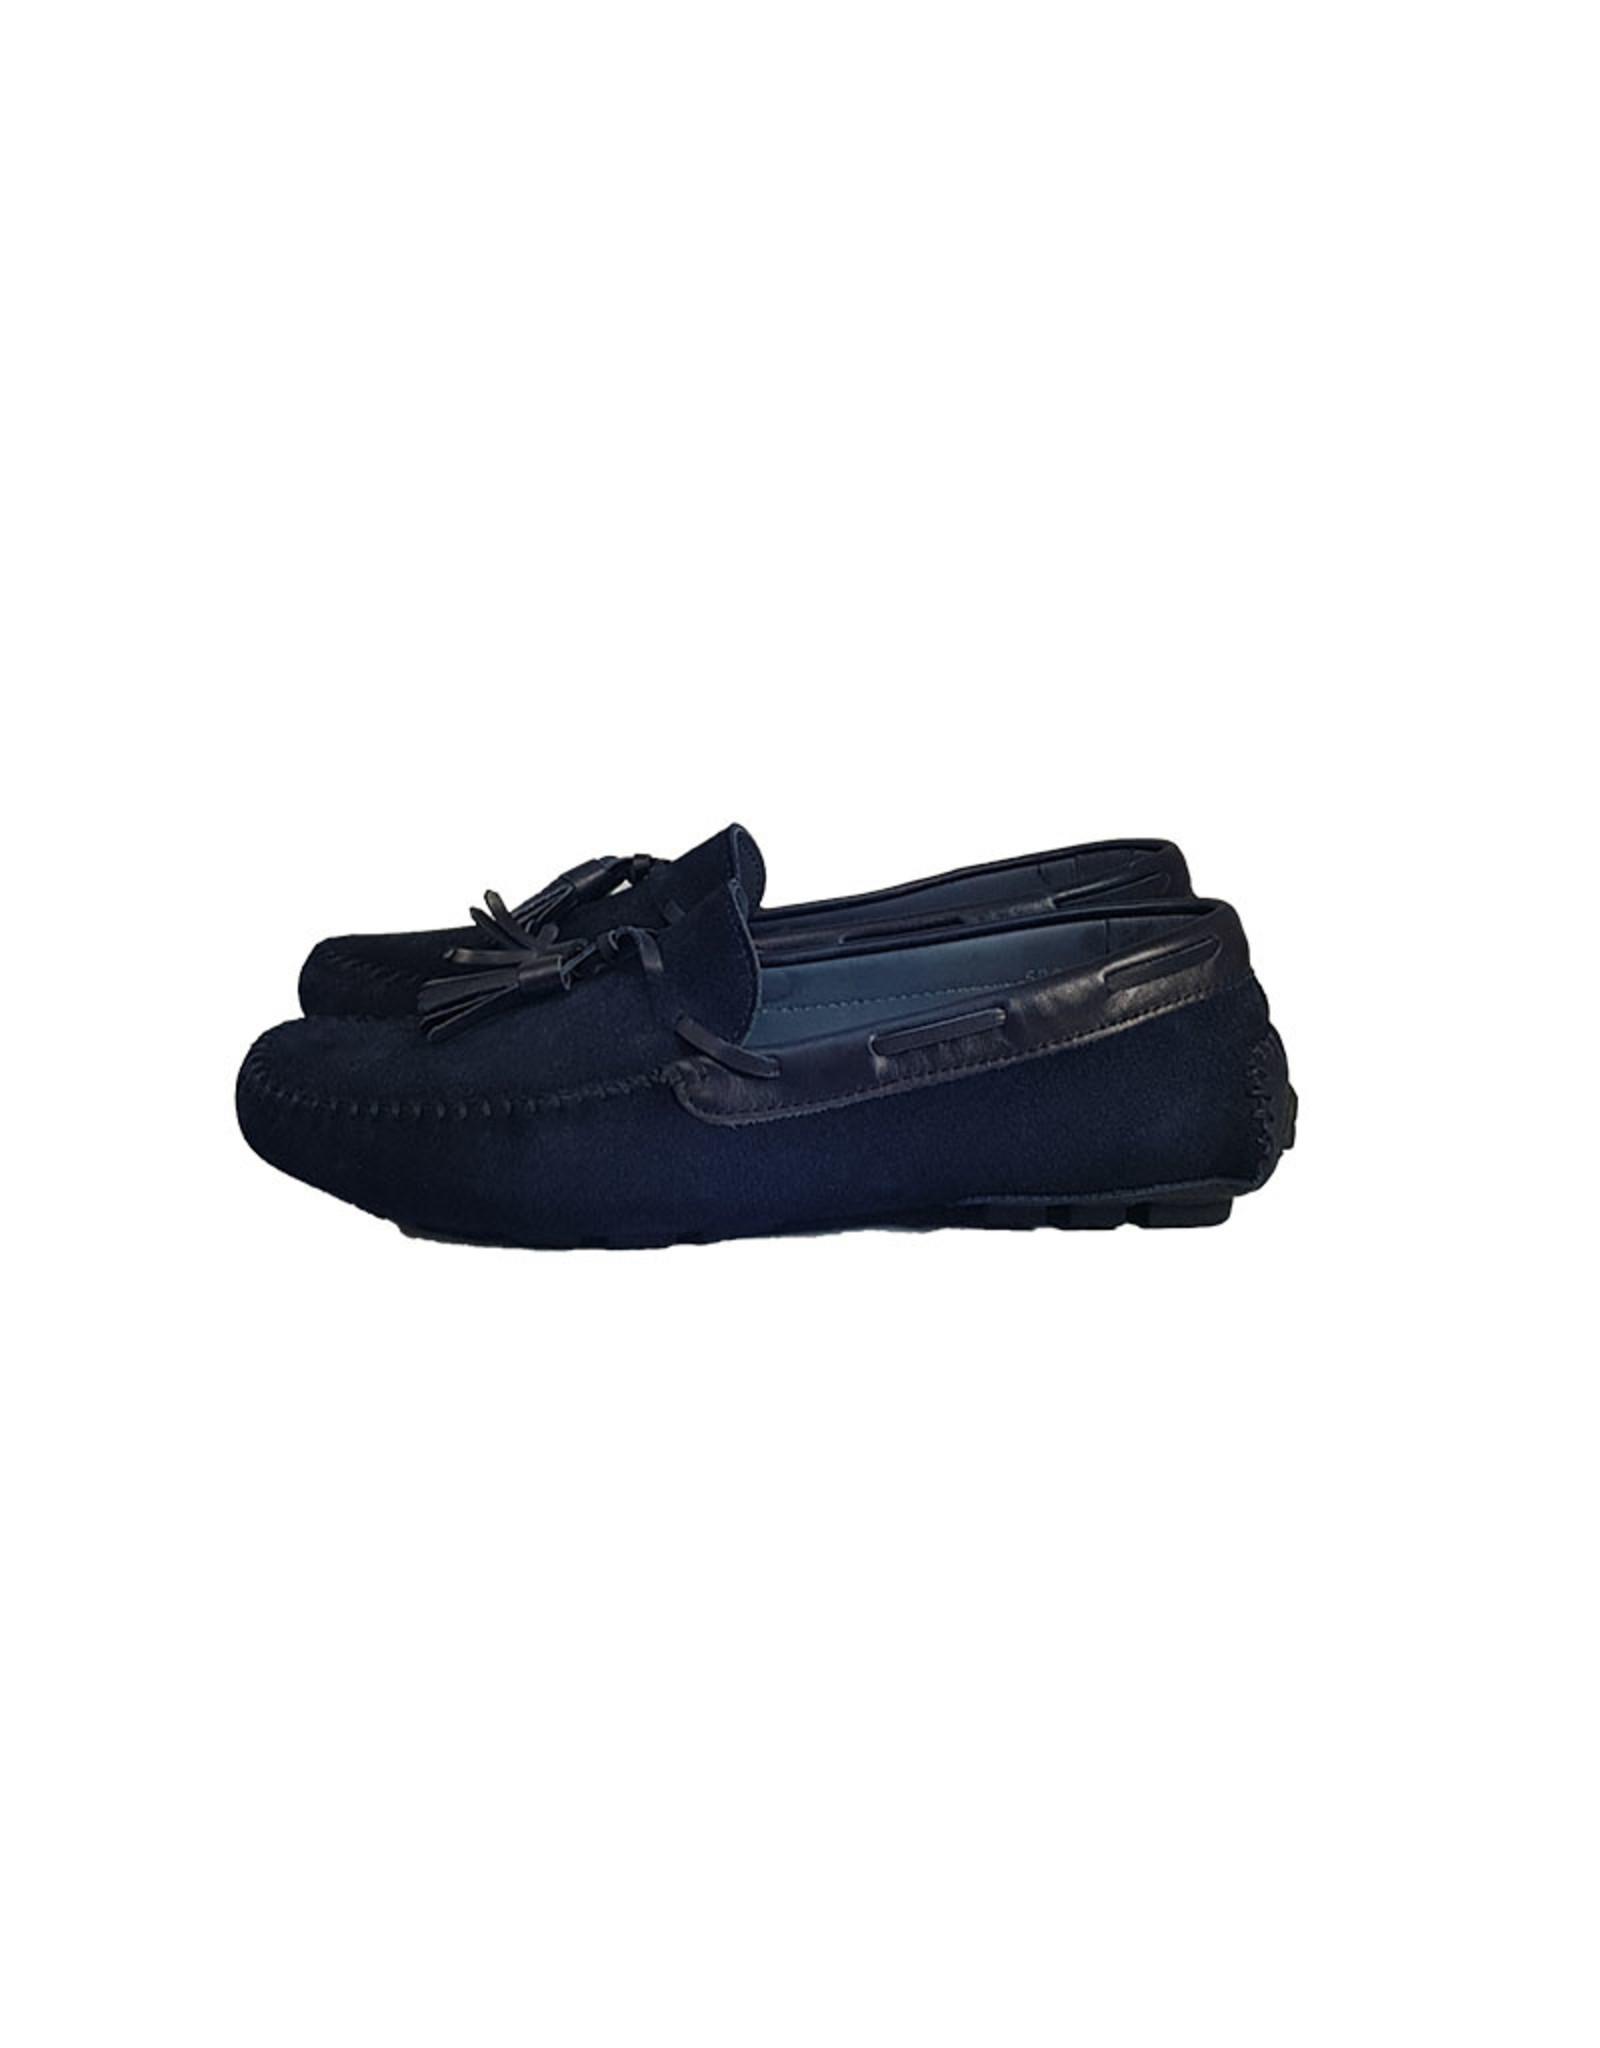 Zampiere Zampiere schoenen mocassins blauw Light Bluette M:5292V17